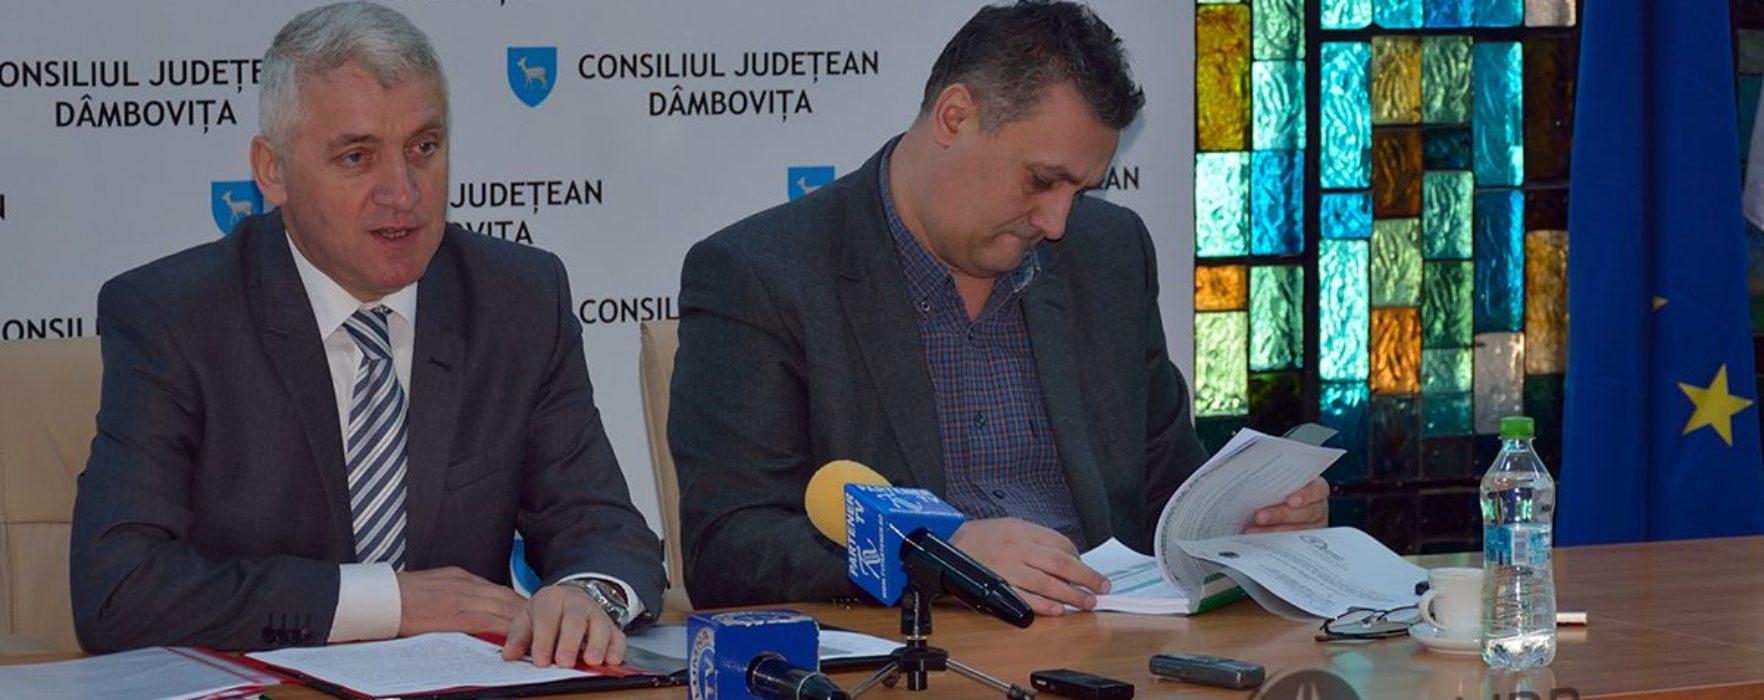 Alexandru Oprea (PSD Dâmboviţa), replică la scrisoarea deschisă a lui Ţuţuianu